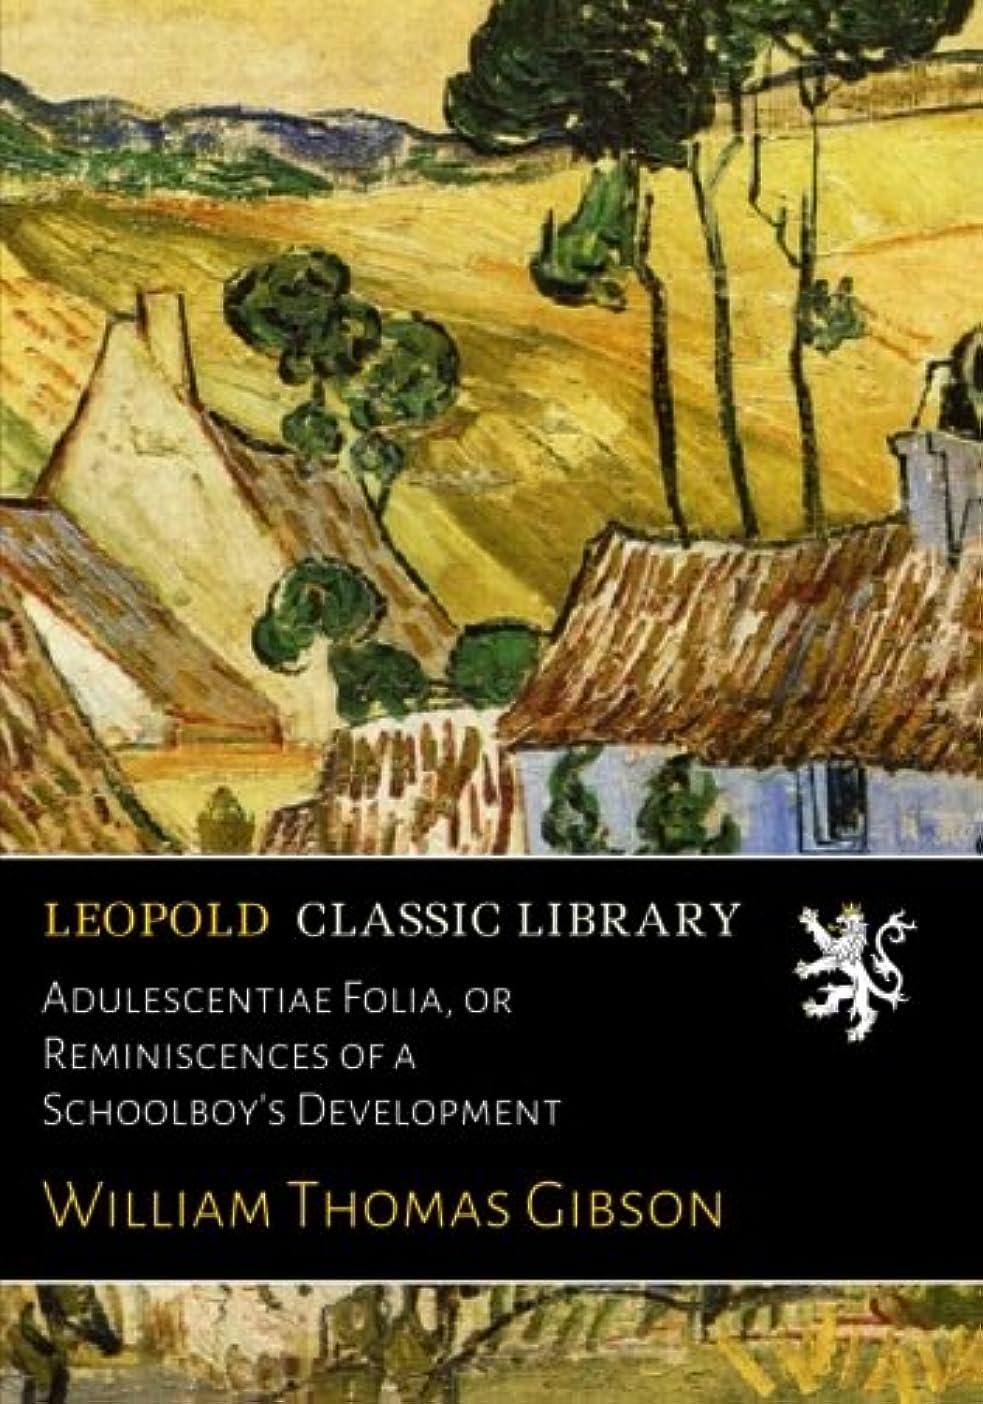 ガイド消去面Adulescentiae Folia, or Reminiscences of a Schoolboy's Development